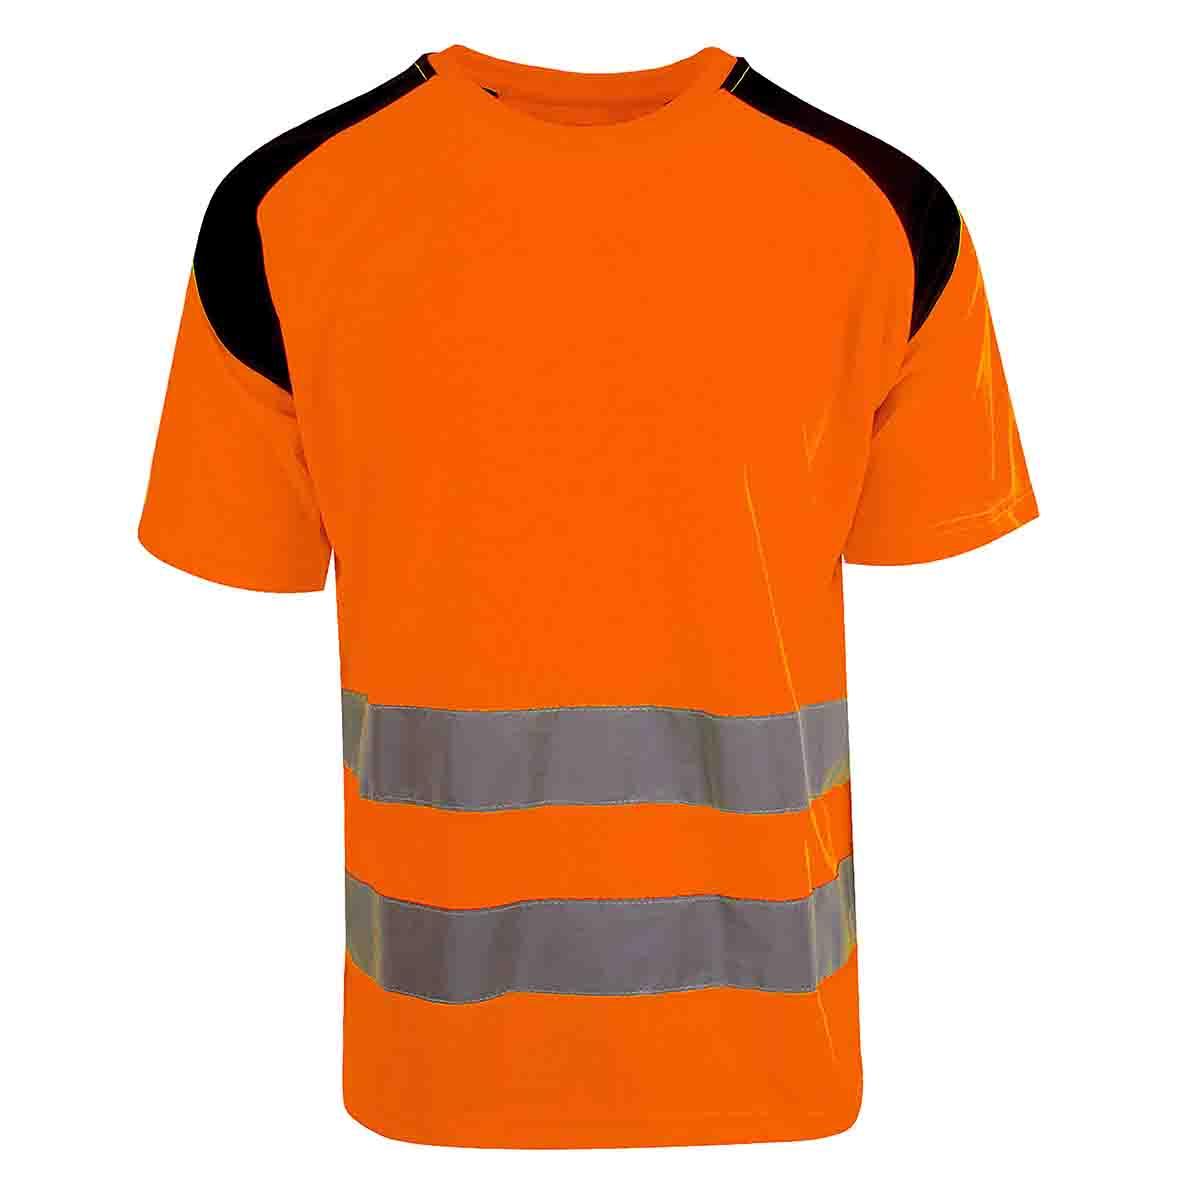 High-vis T-shirt model 109